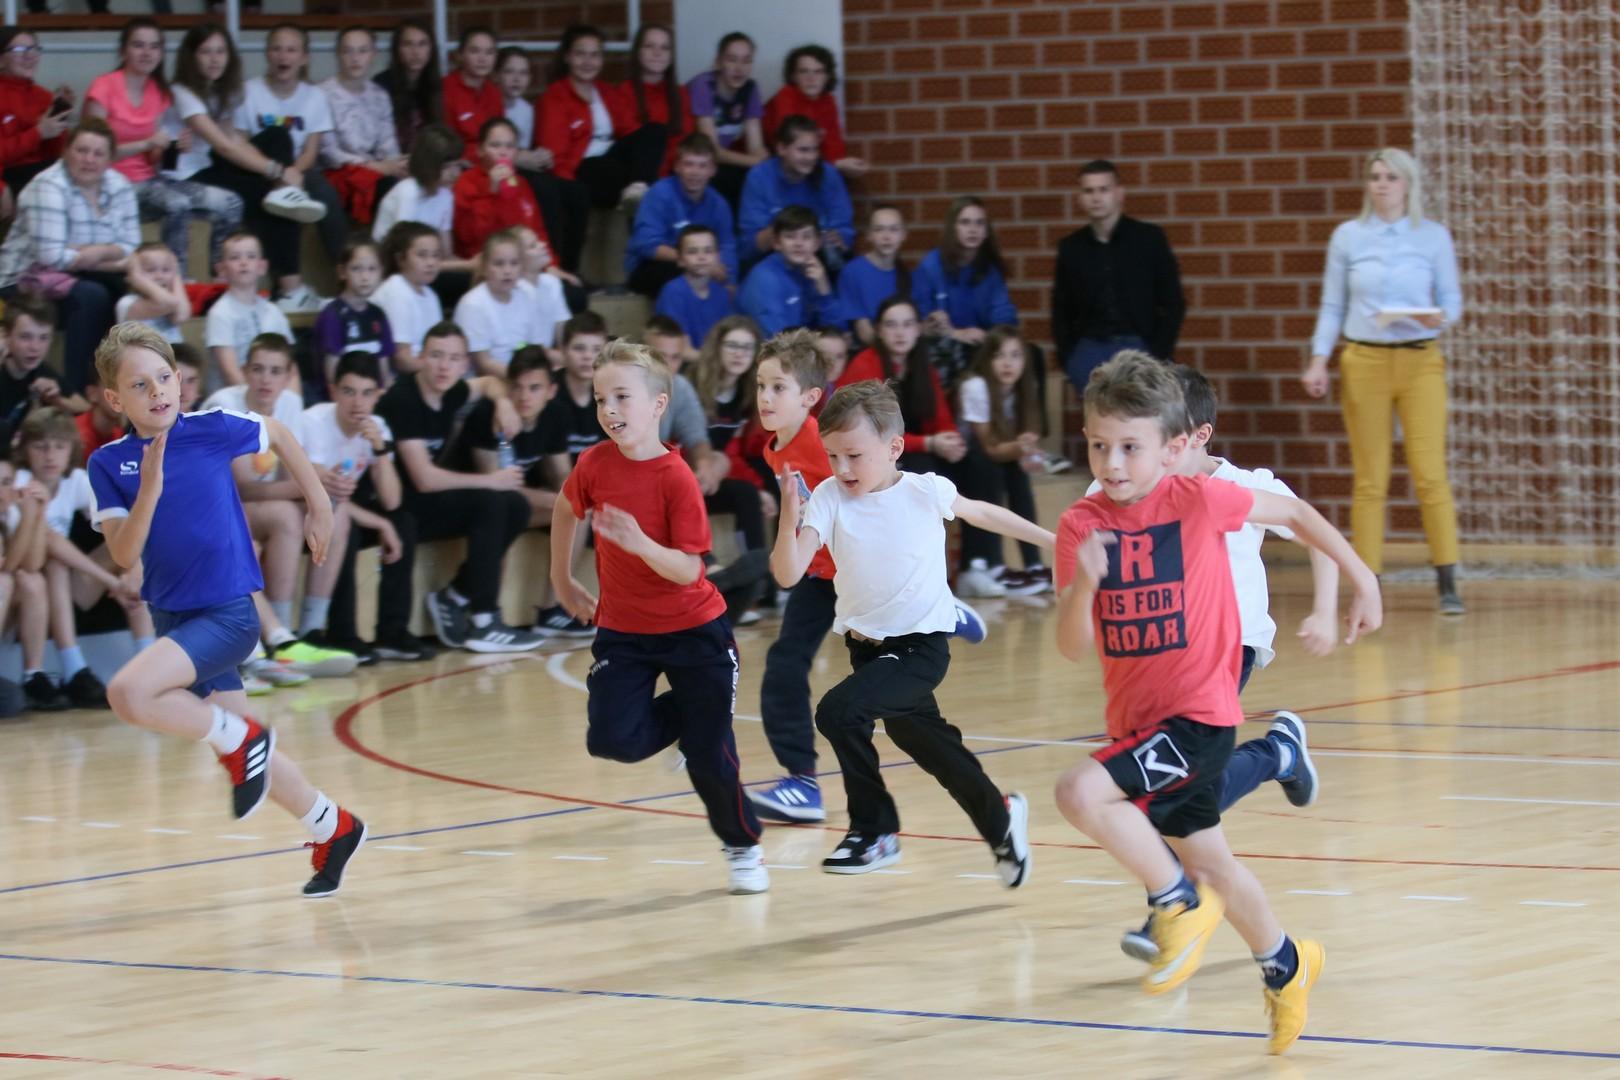 Međunarodni dan sporta u Đurđevcu obilježilo oko 300 djece i proslavljeni Hrvatski olimpijac Filip Ude